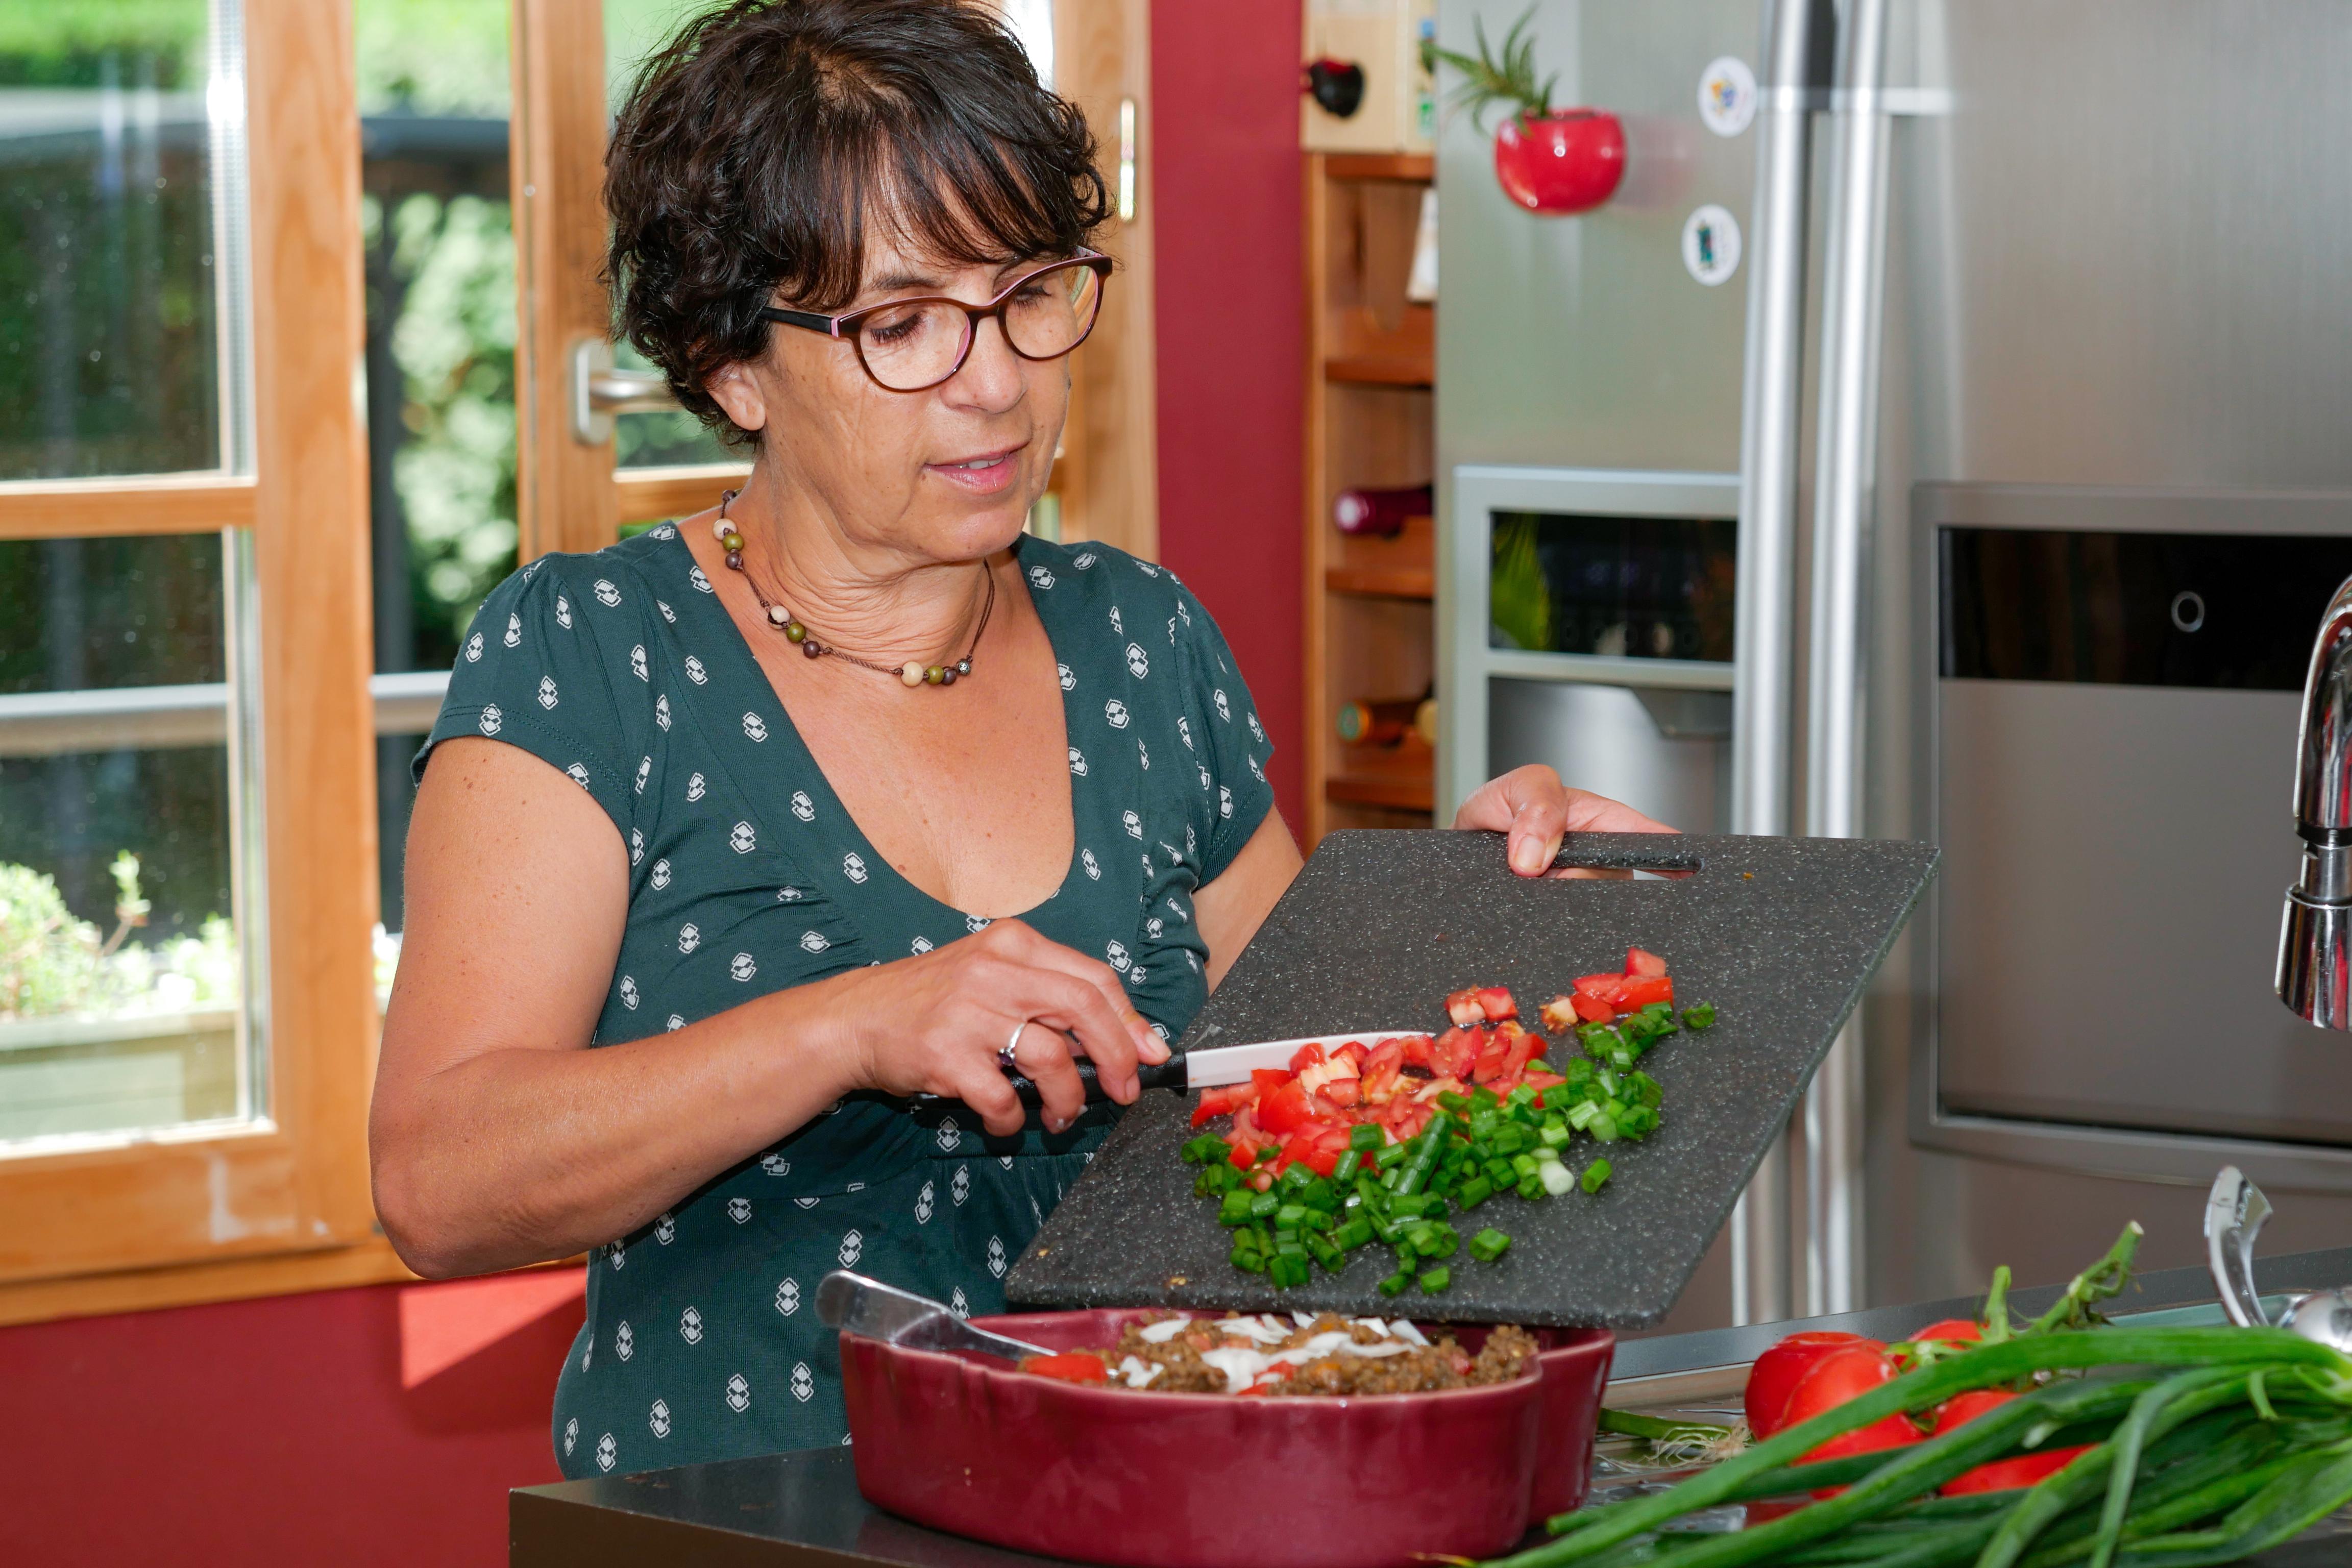 Kosten förändras efter en överviktsoperation och det är vanligt att det uppstår vitamin- och mineralbrist.